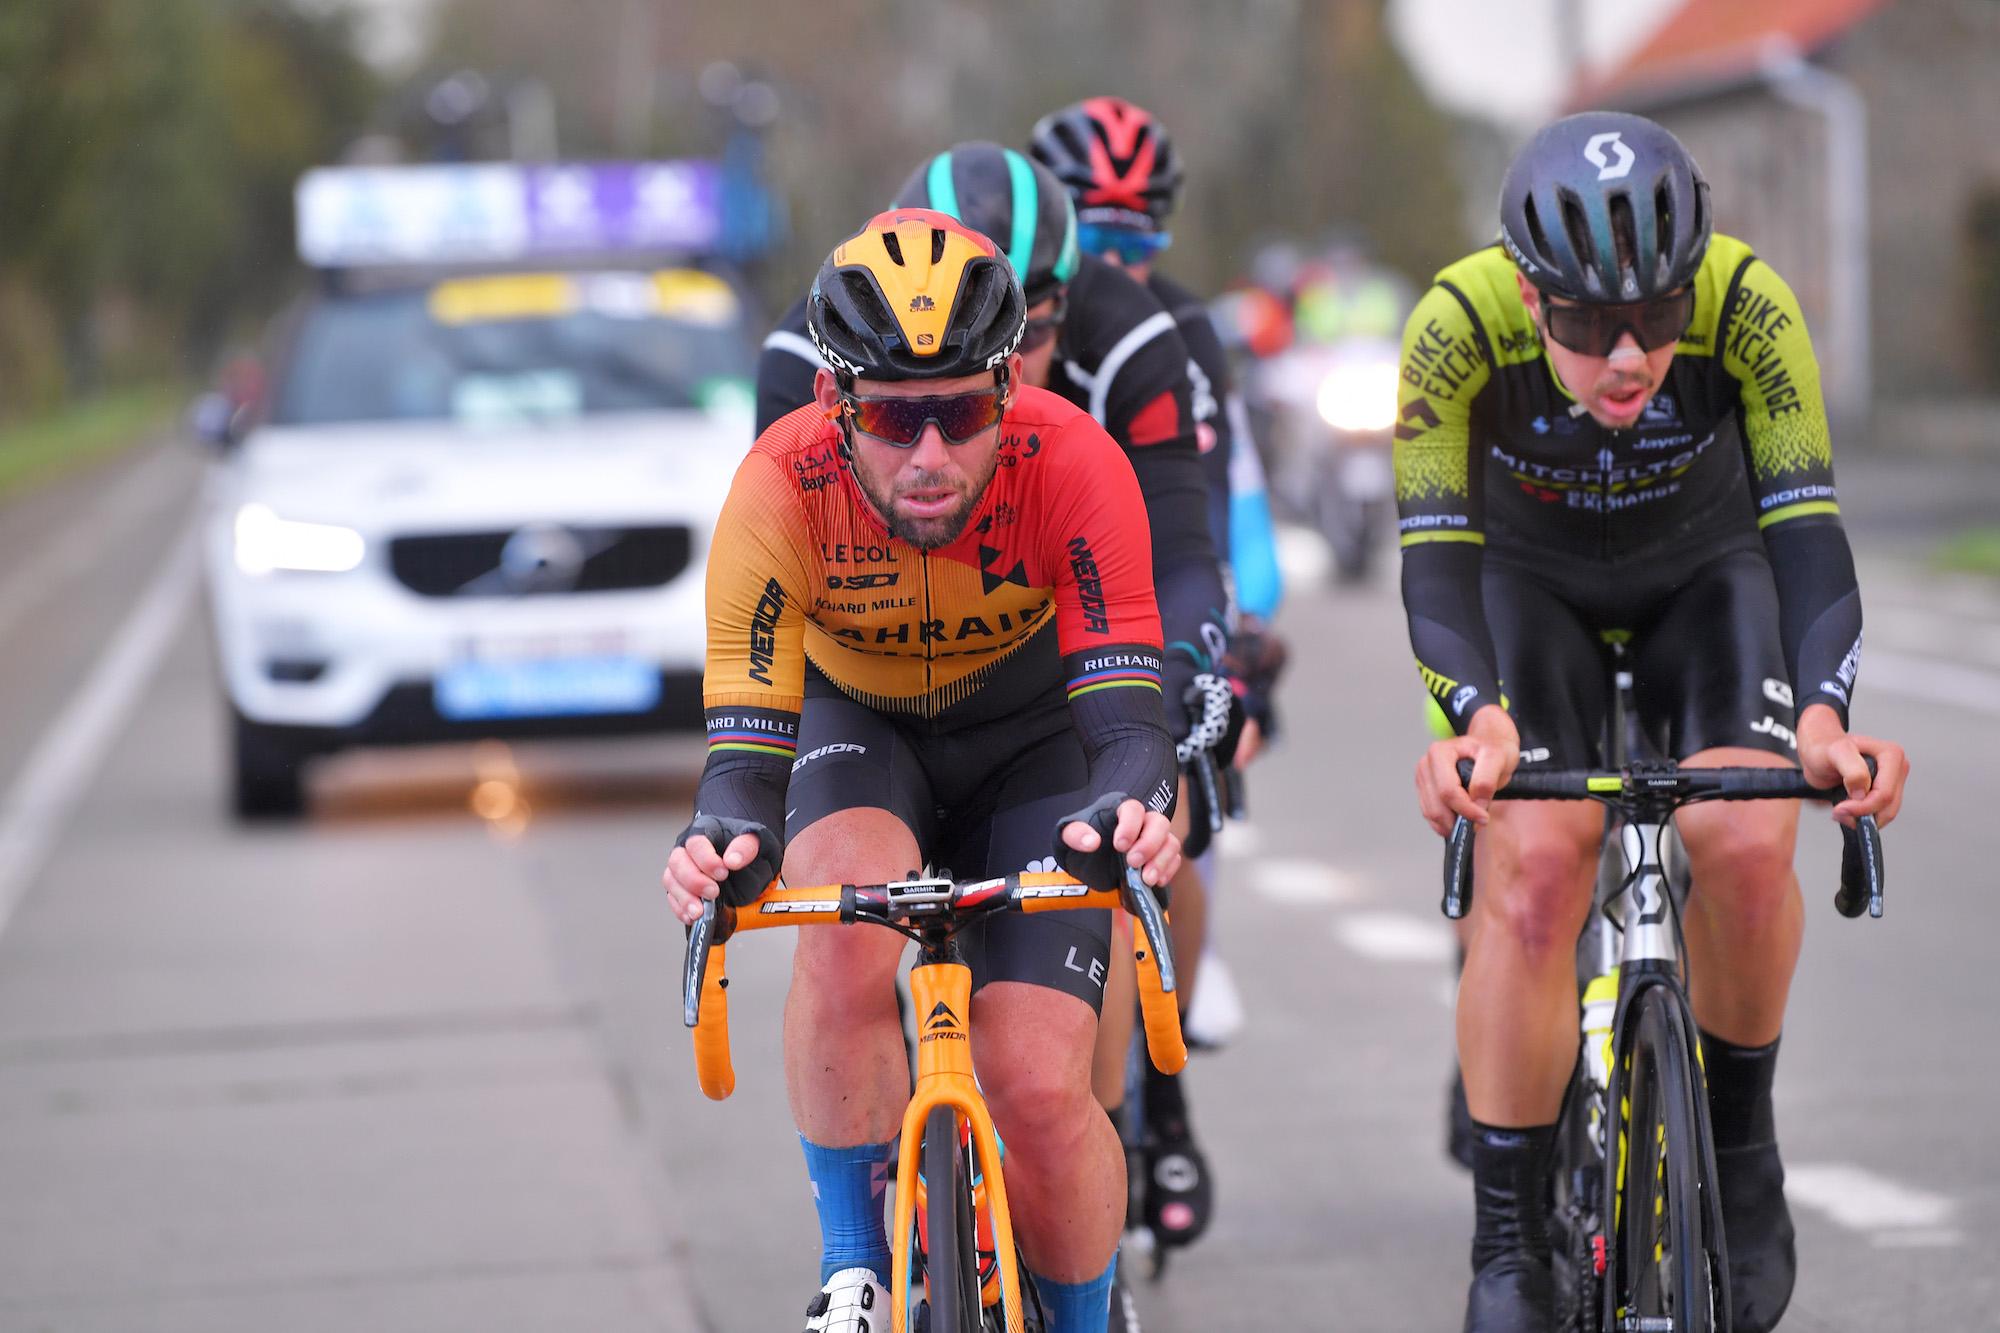 'Det er måske det sidste løb i min karriere': Mark Cavendish følelsesladet efter målgang i Gent-Wevelgem